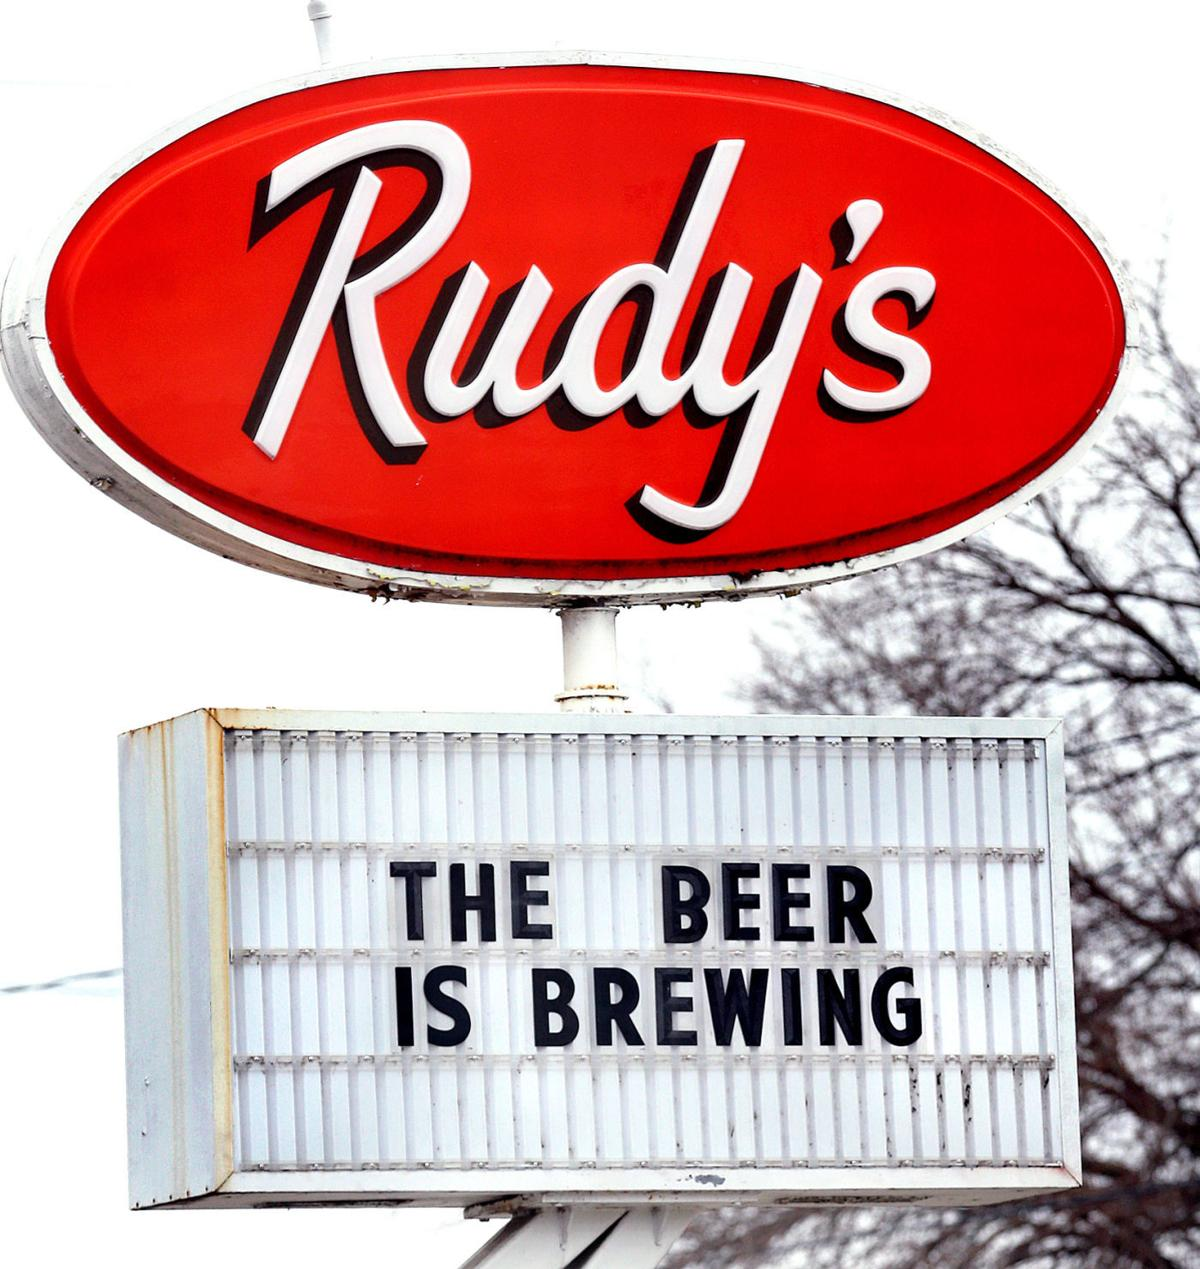 COVID Rudy's